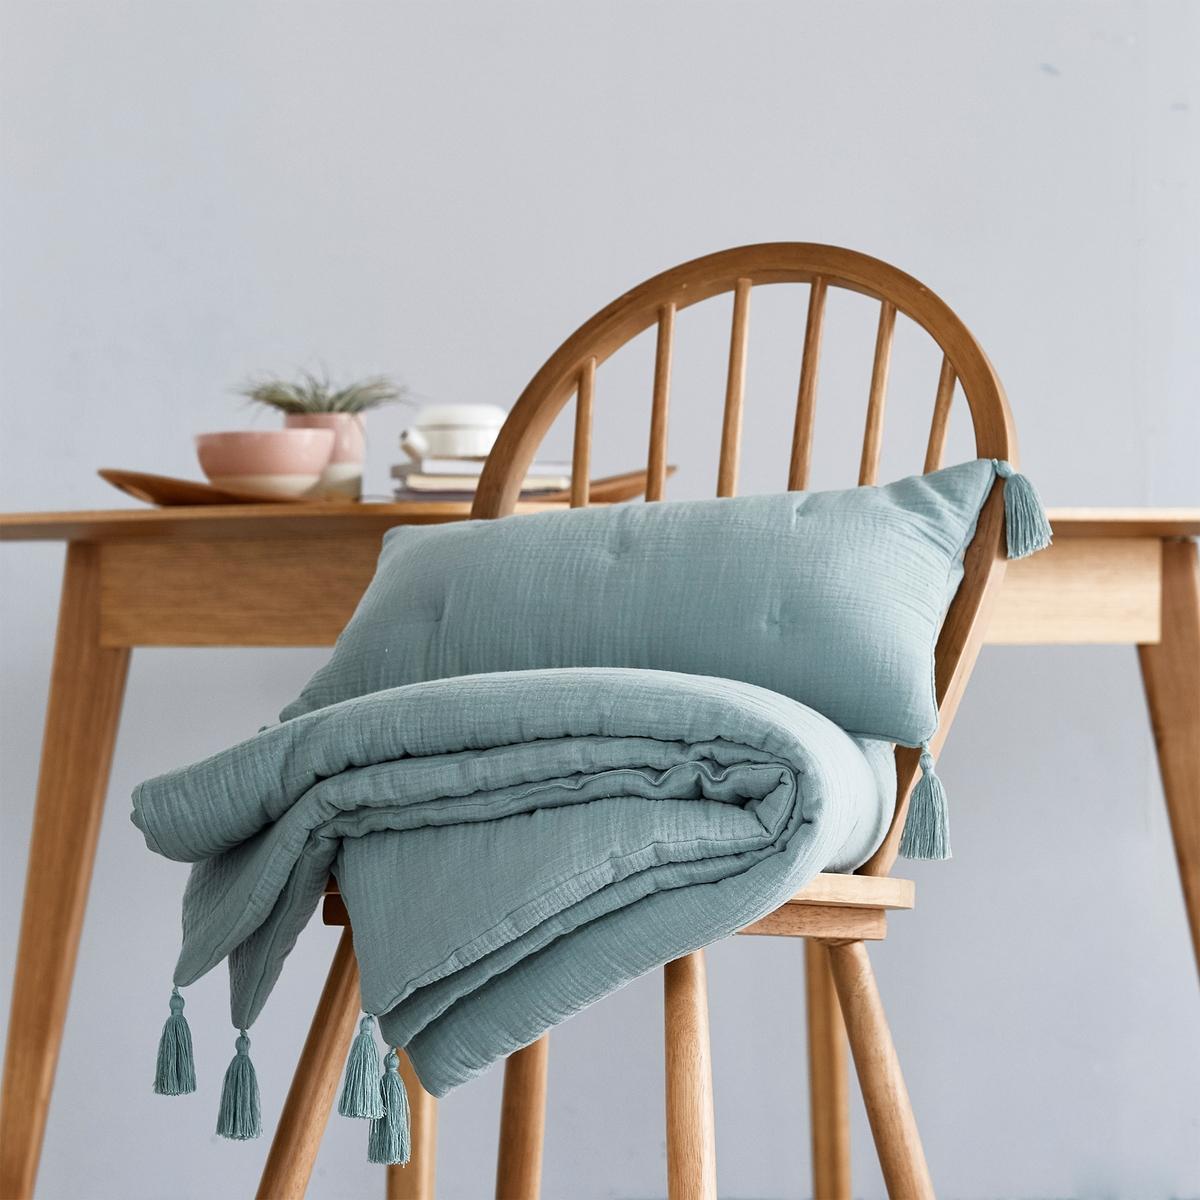 Чехол на подушку или наволочка, KUMLAХарактеристики наволочки/чехла на подушку Kumla :Верх, 100% хлопок.Наполнитель 100% полиэстер (120 г/м?).Вышивка крестиком в тон.Отделка кисточками по углам.Машинная стирка при 30 °С.Одеяло того же комплекта и другие модели декоративного текстиля вы можете найти на сайте laredoute.ruРазмеры :50 x 30 см65 x 65 смЗнак Oeko-Tex® гарантирует, что товары прошли проверку и были изготовлены без применения вредных для здоровья человека веществ.<br><br>Цвет: серо-зеленый<br>Размер: 50 x 30 см.65 x 65  см